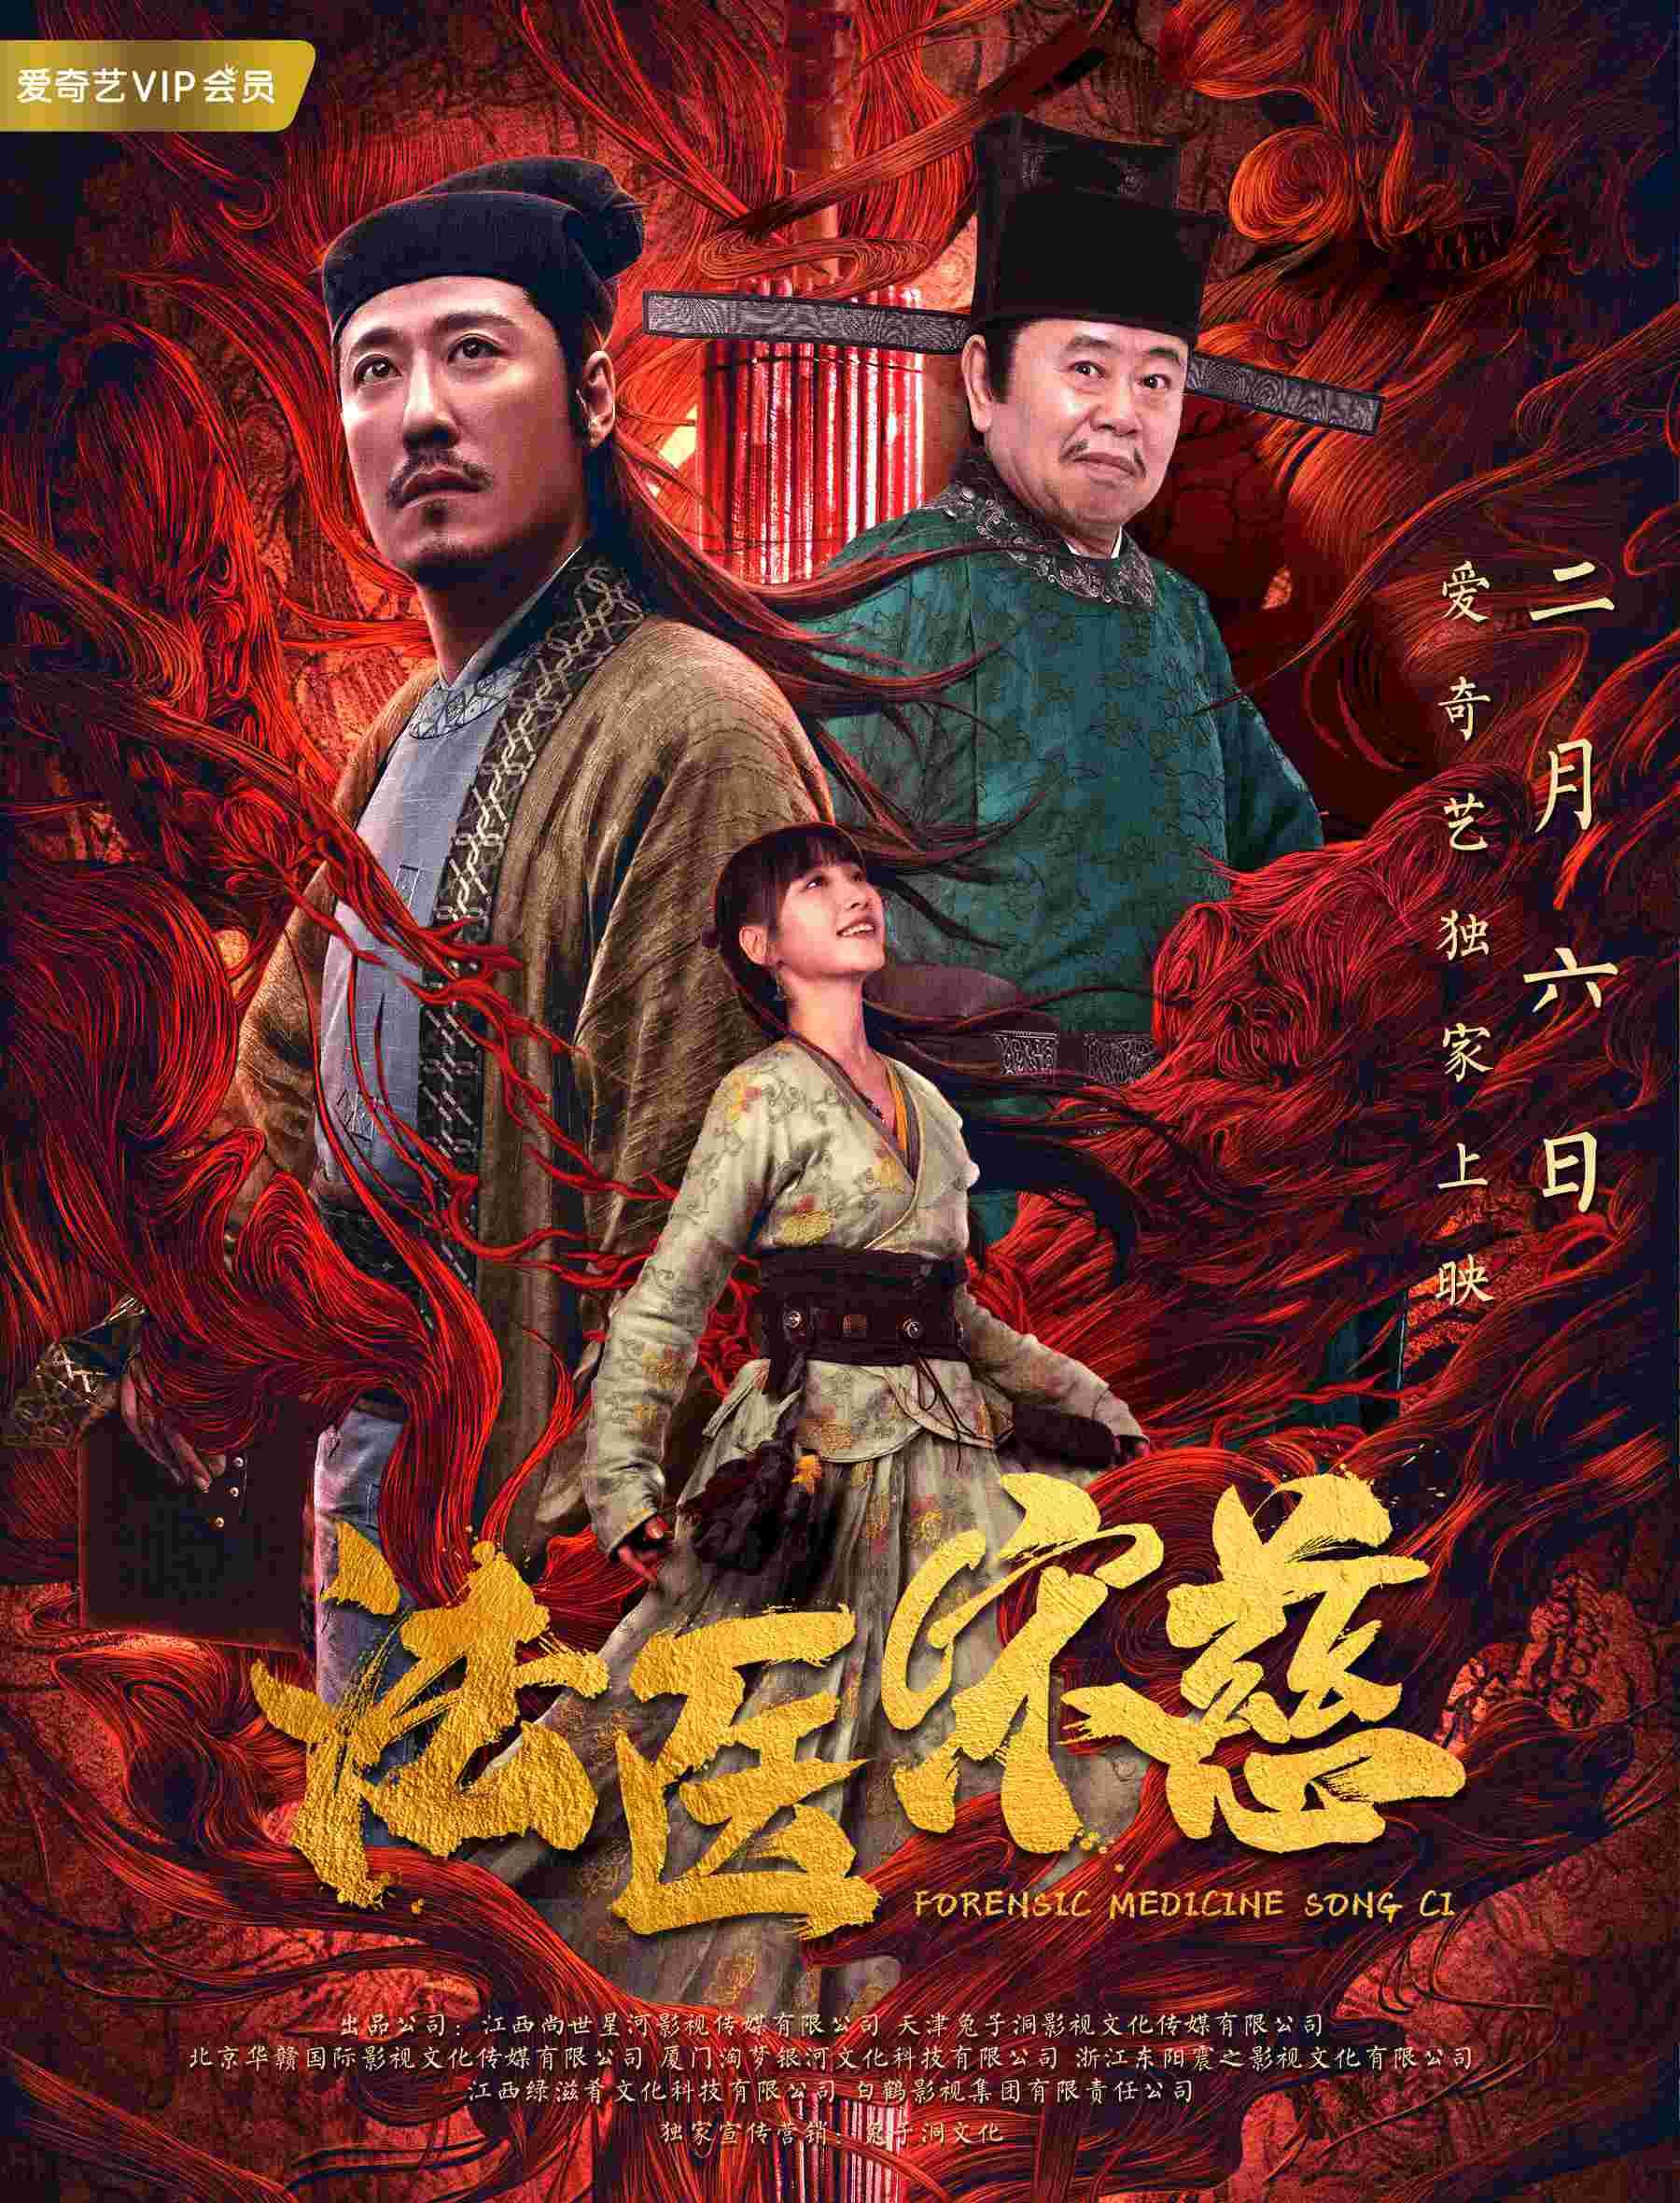 《法医宋慈》档案2月6日 在地震中 潘长江破获了一起连环杀人案